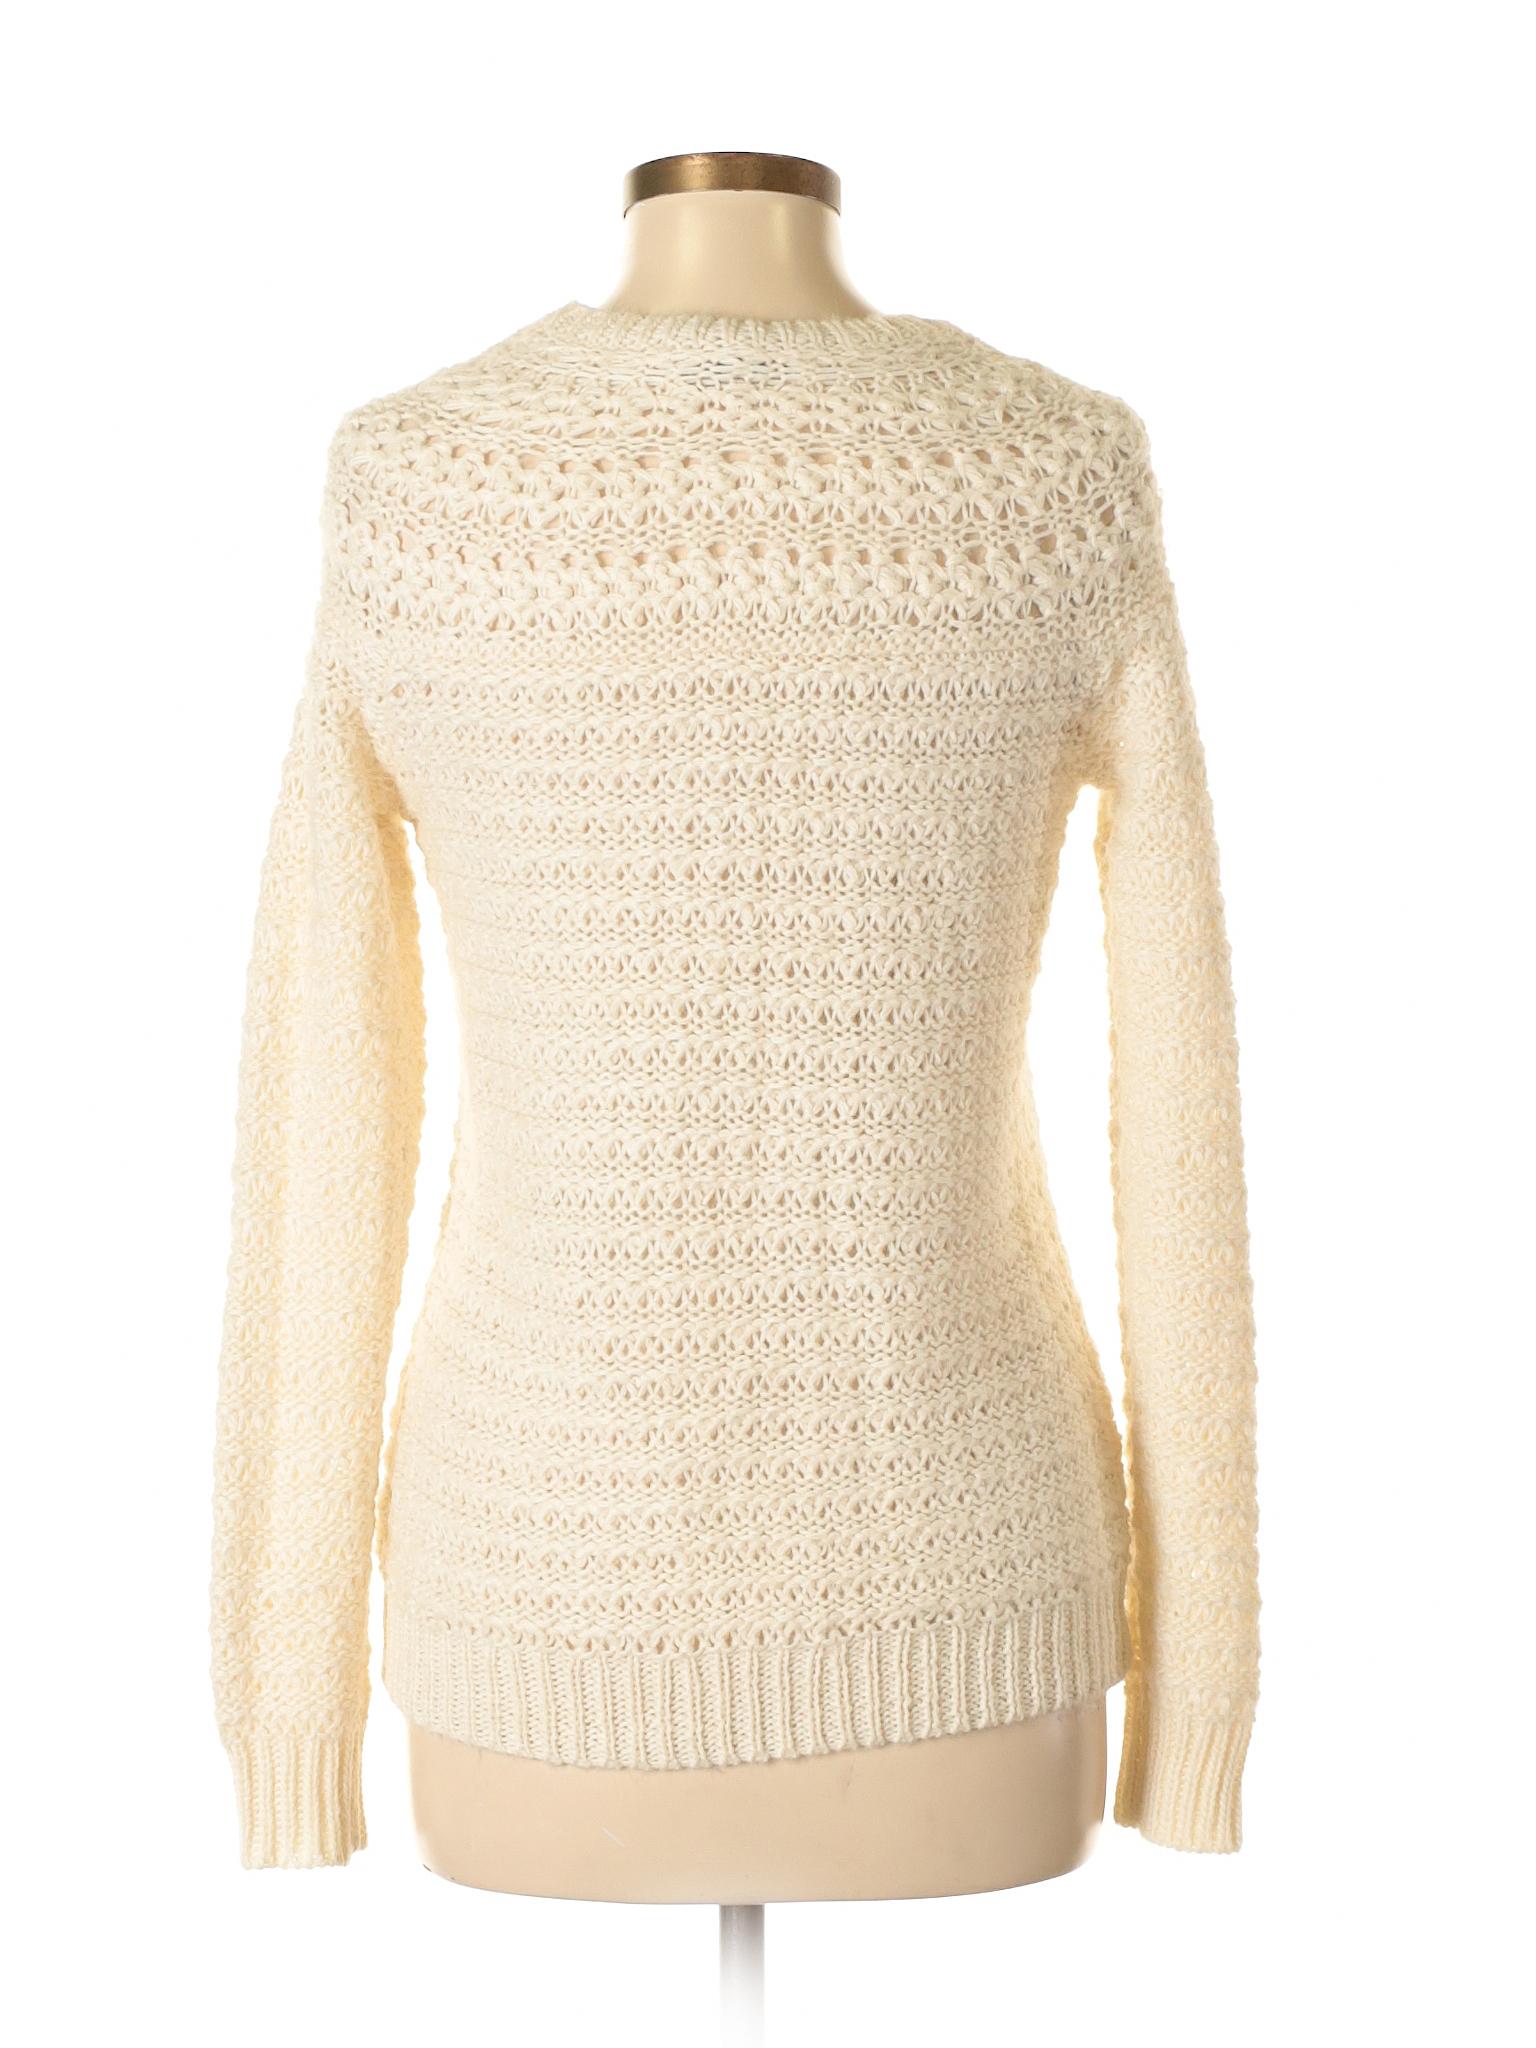 Boutique Sweater by Pullover Lauren Ralph Lauren z0qfxrwz